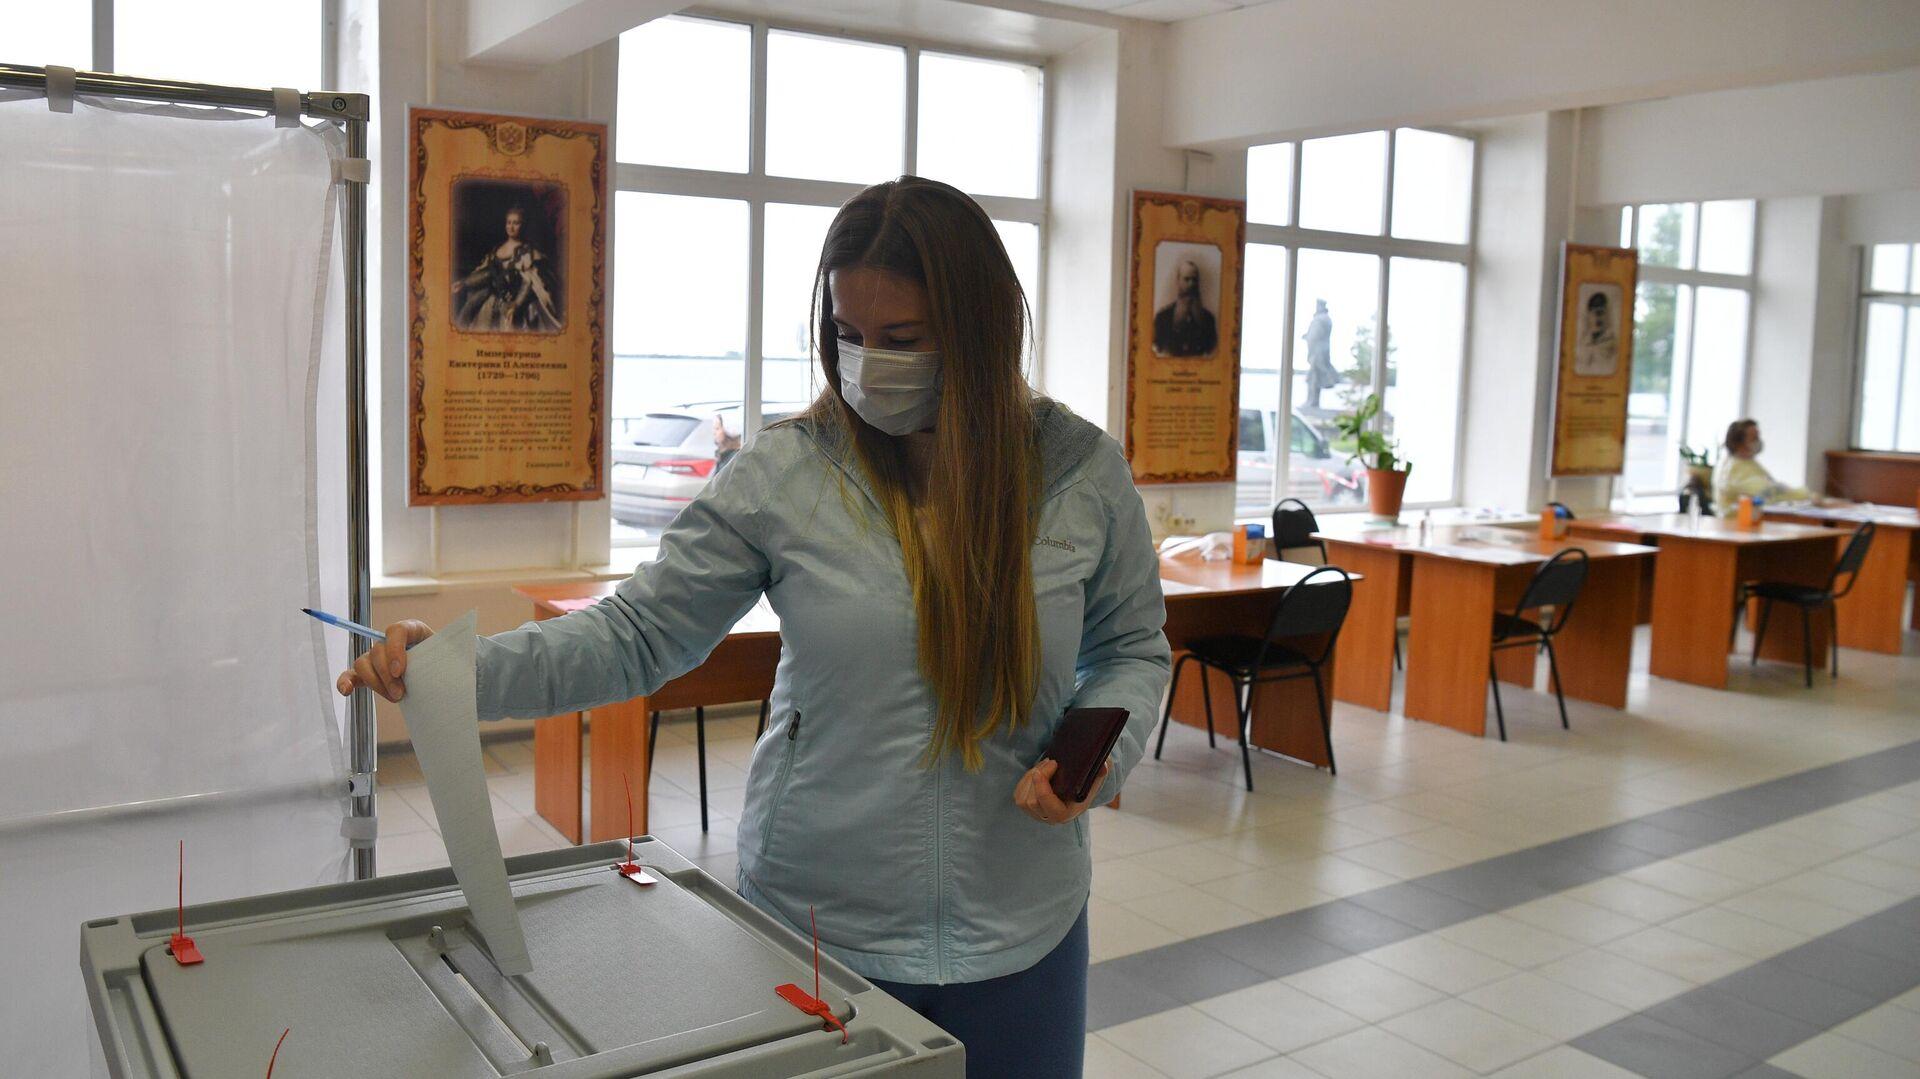 Женщине голосует на выборах губернатора Архангельской области на избирательном участке №66 в Архангельске - РИА Новости, 1920, 13.09.2020